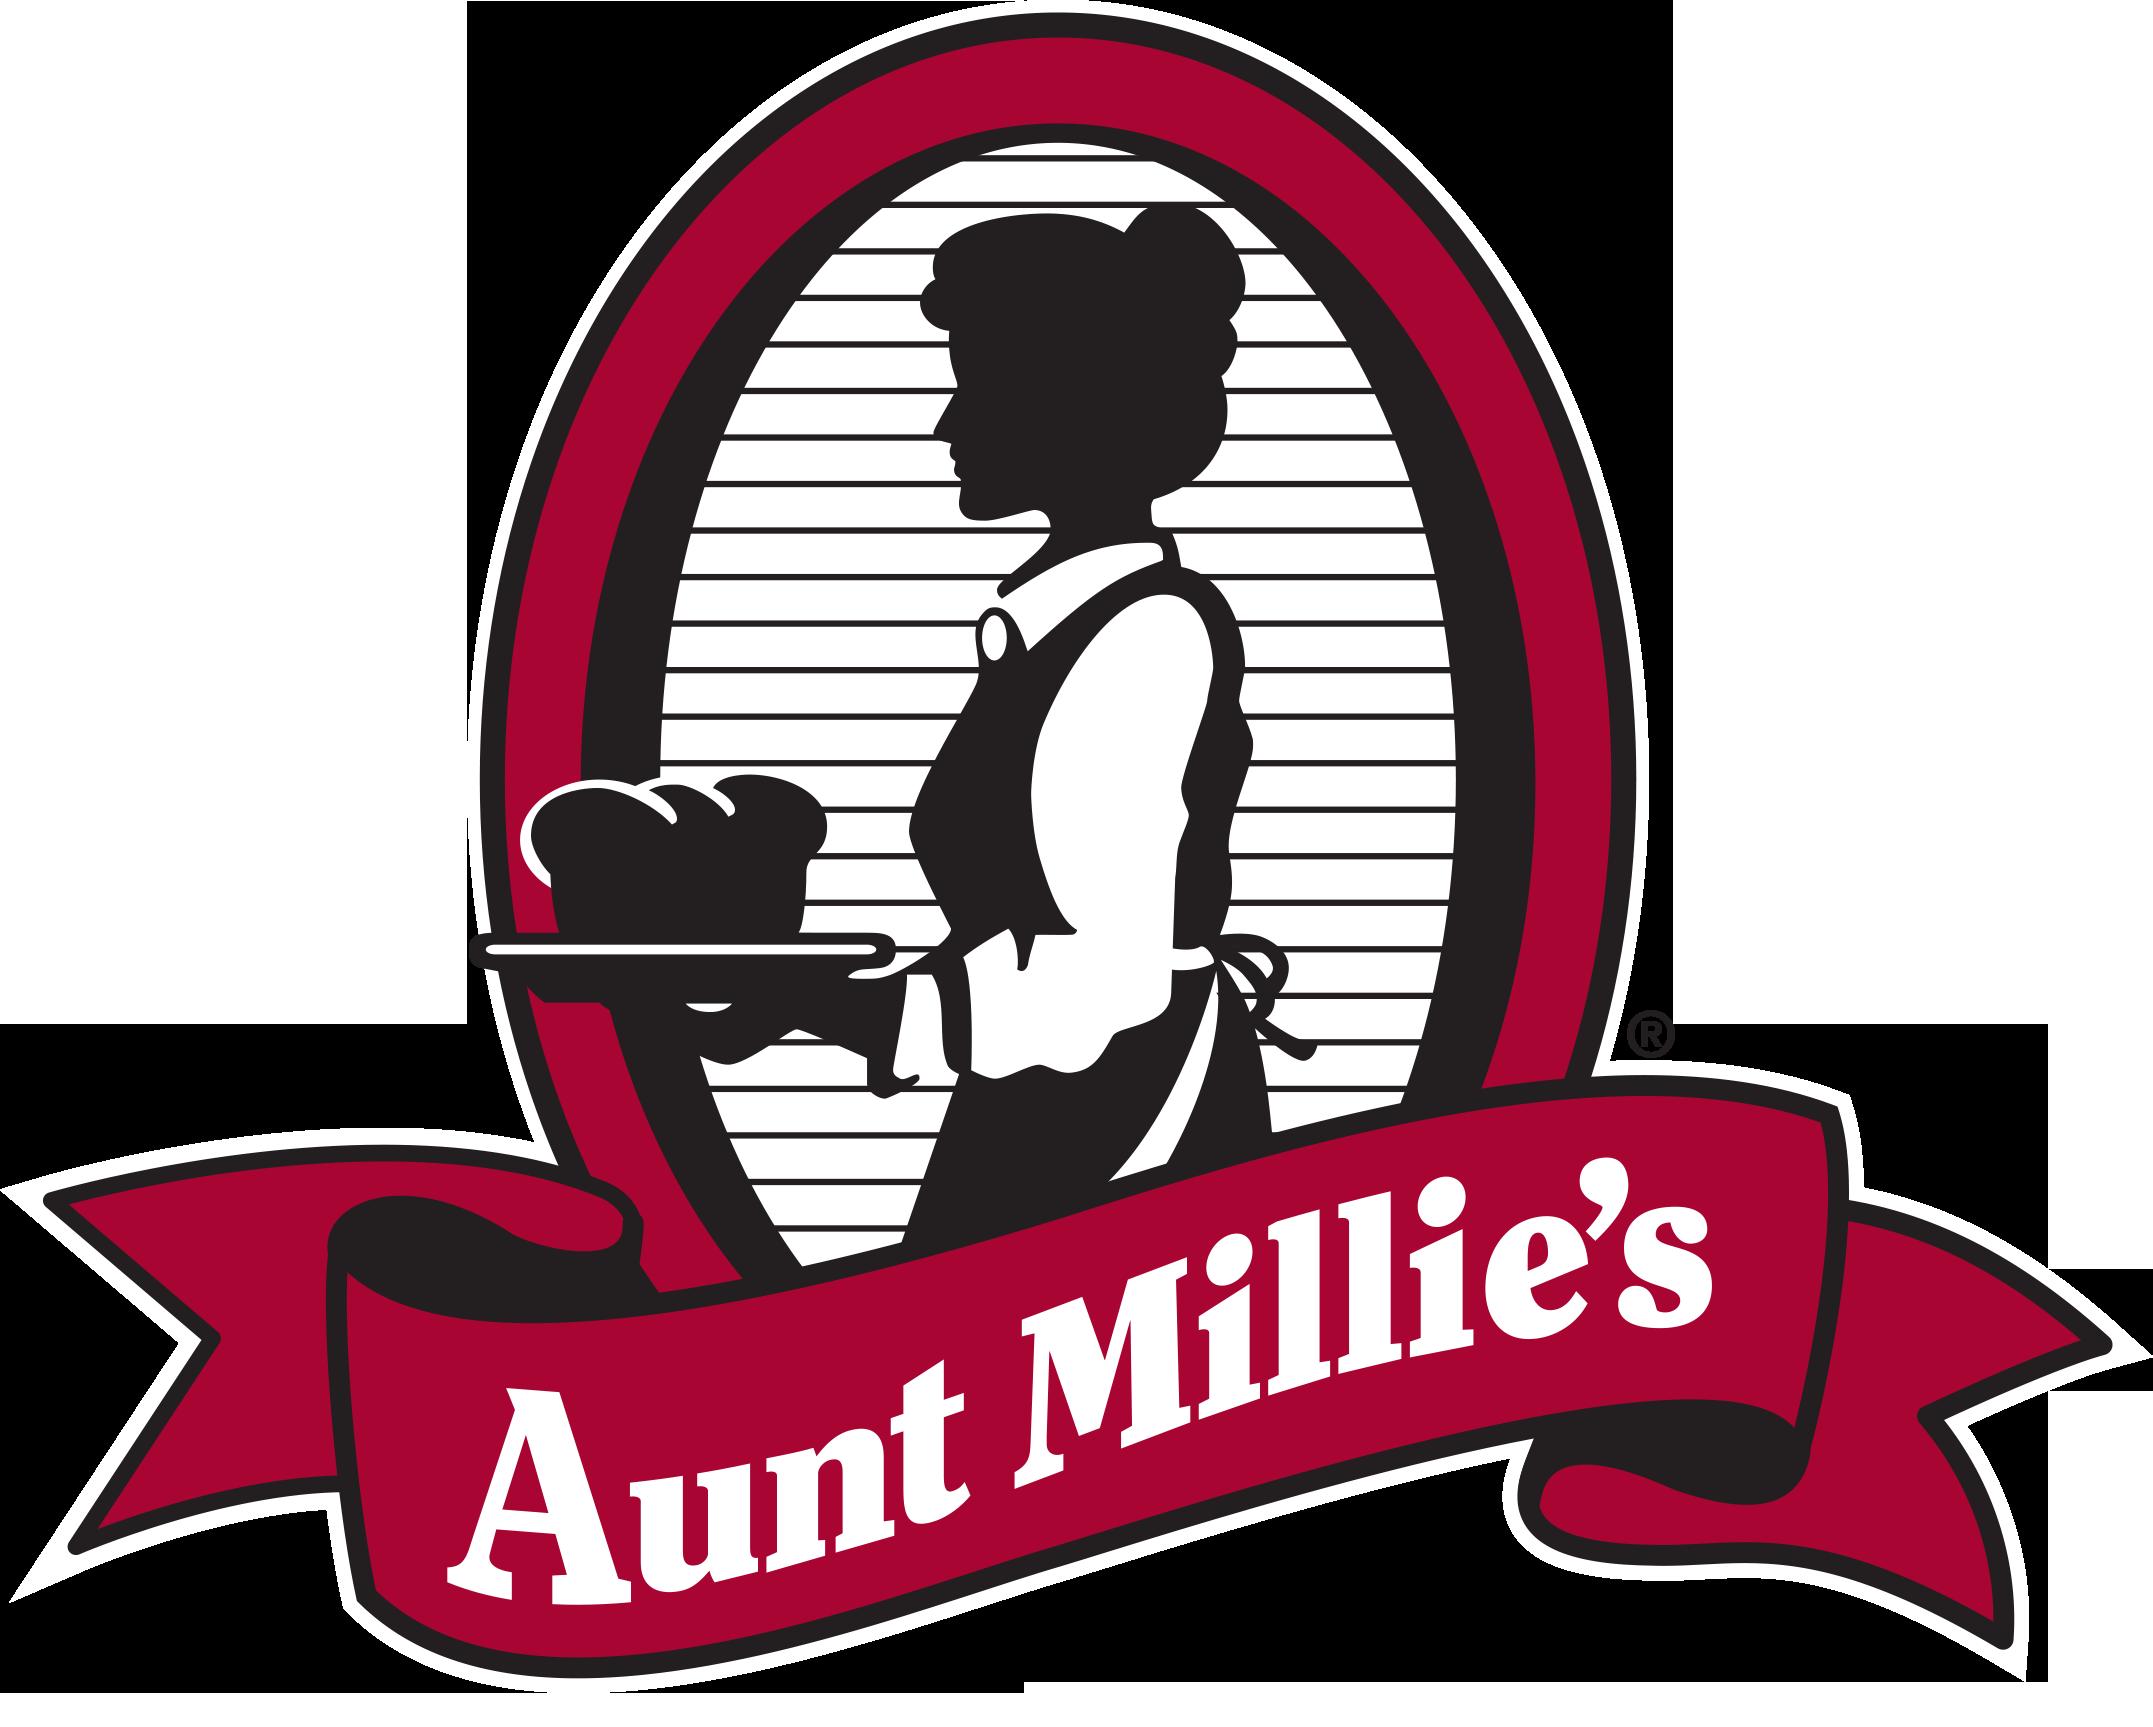 Aunt Millie's flat logo.png